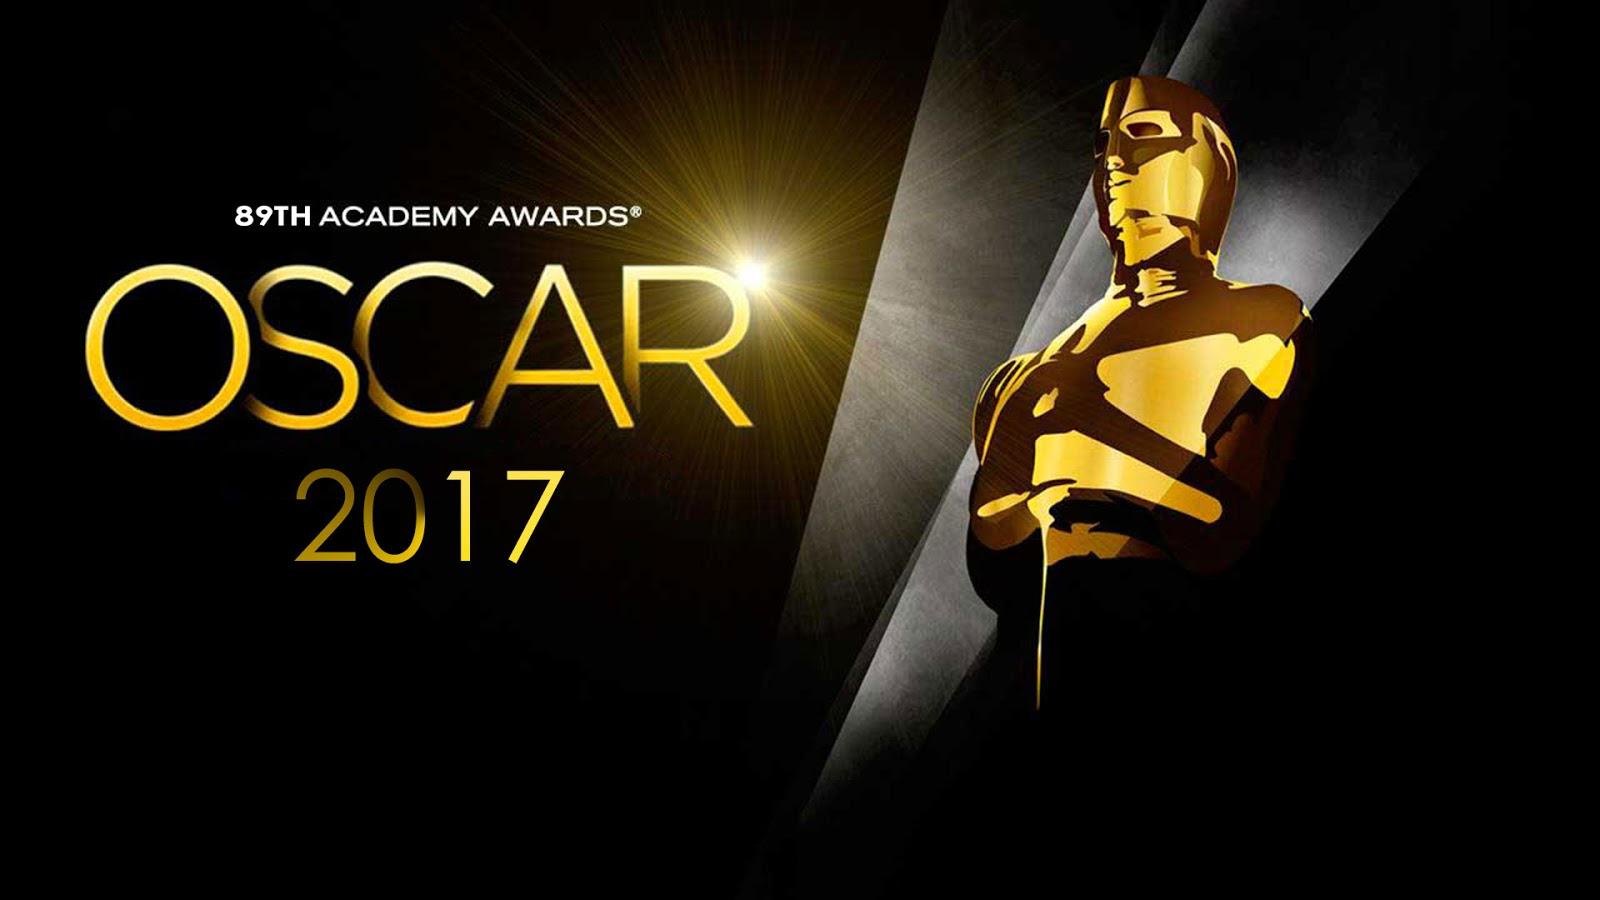 Filmes para ver antes do Oscar 2017!